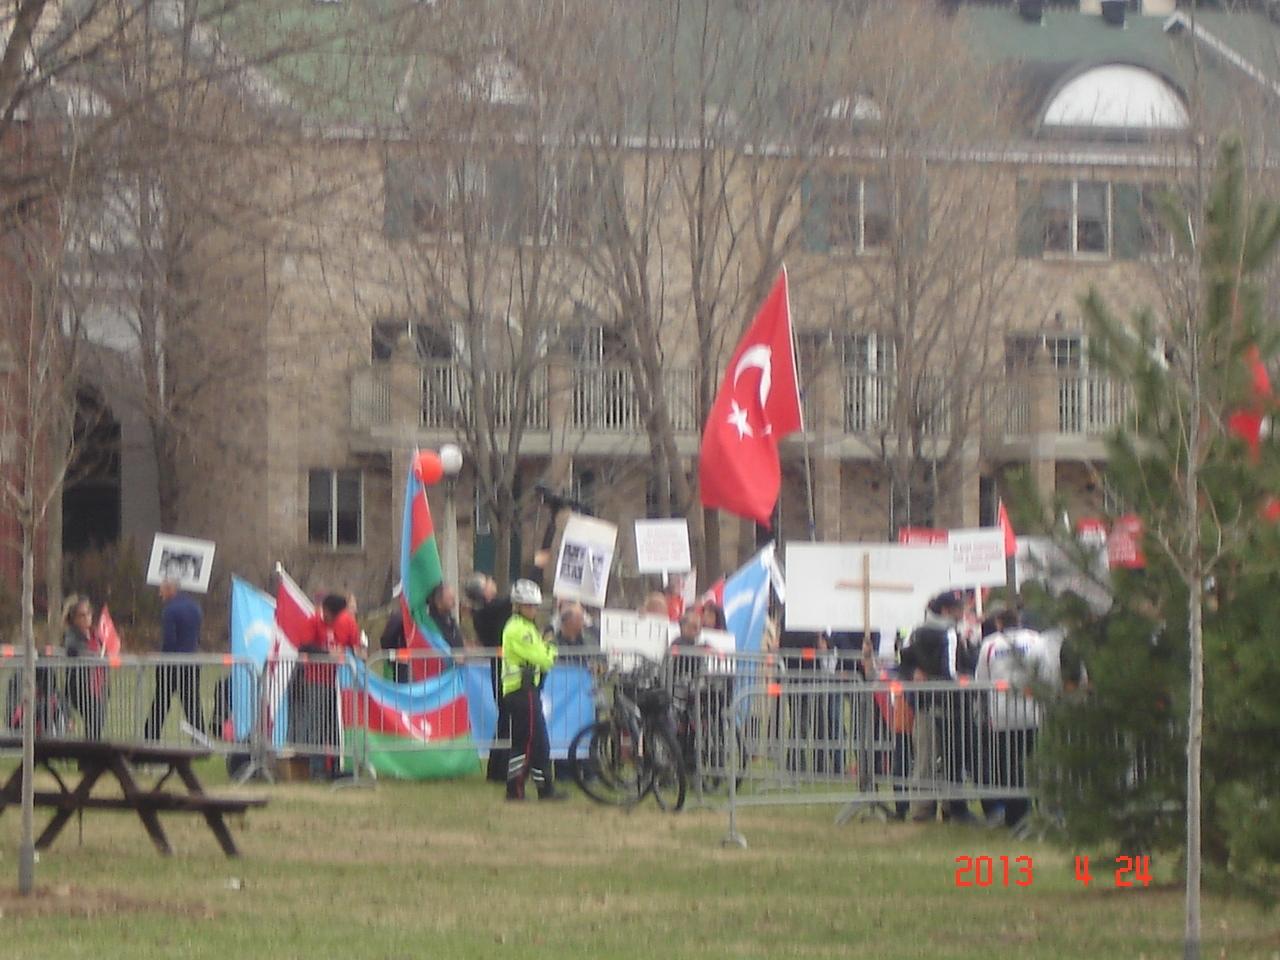 Azərbaycan və türk icmaları ermənilərin Kanadadakı etiraz aksiyasına cavab verdilər (FOTO)